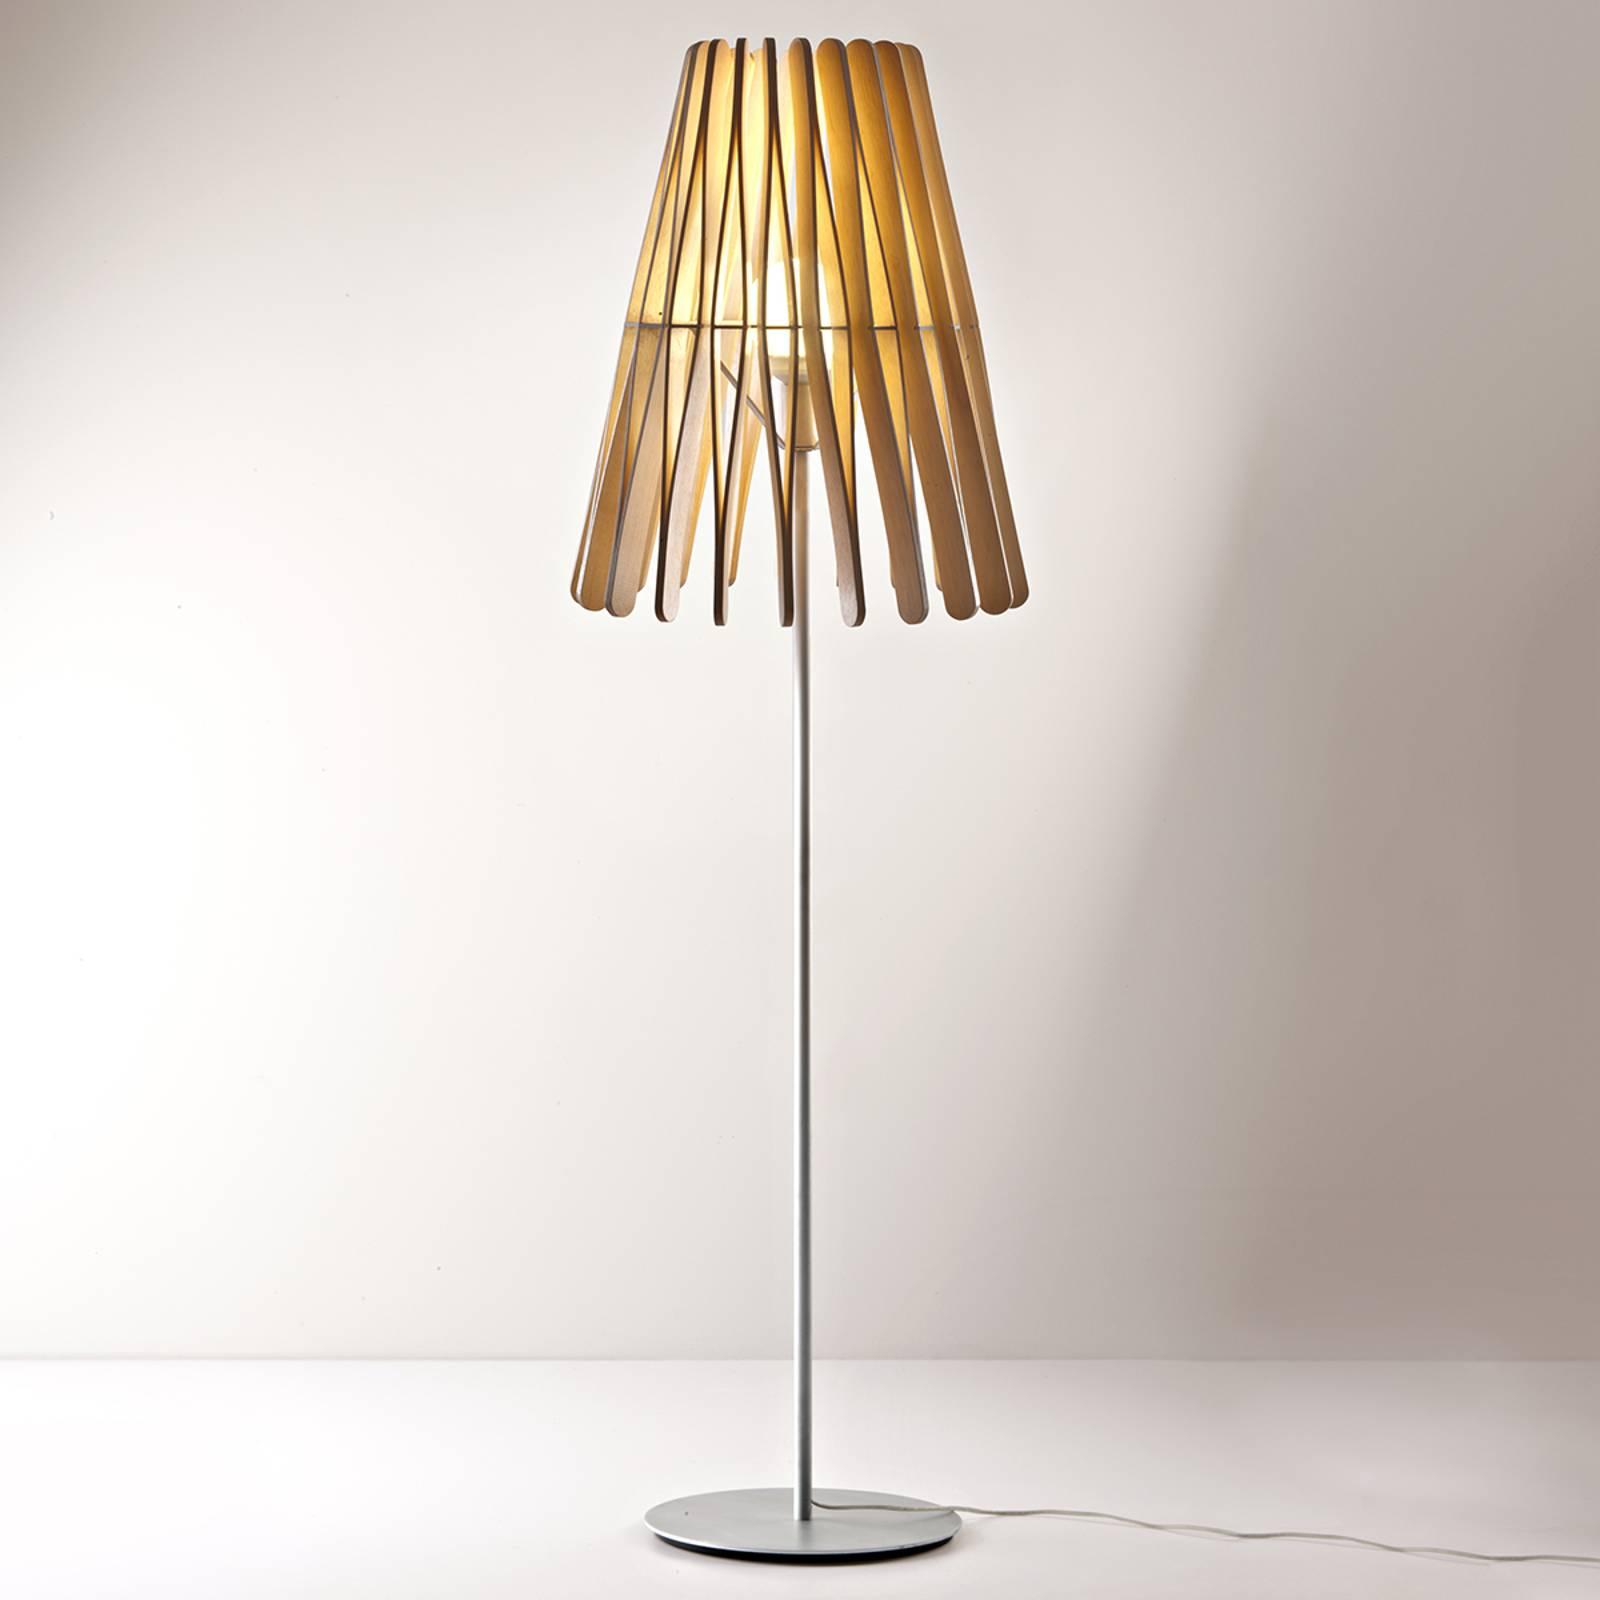 stehlampen und andere lampen von fabbian online kaufen bei m bel garten. Black Bedroom Furniture Sets. Home Design Ideas